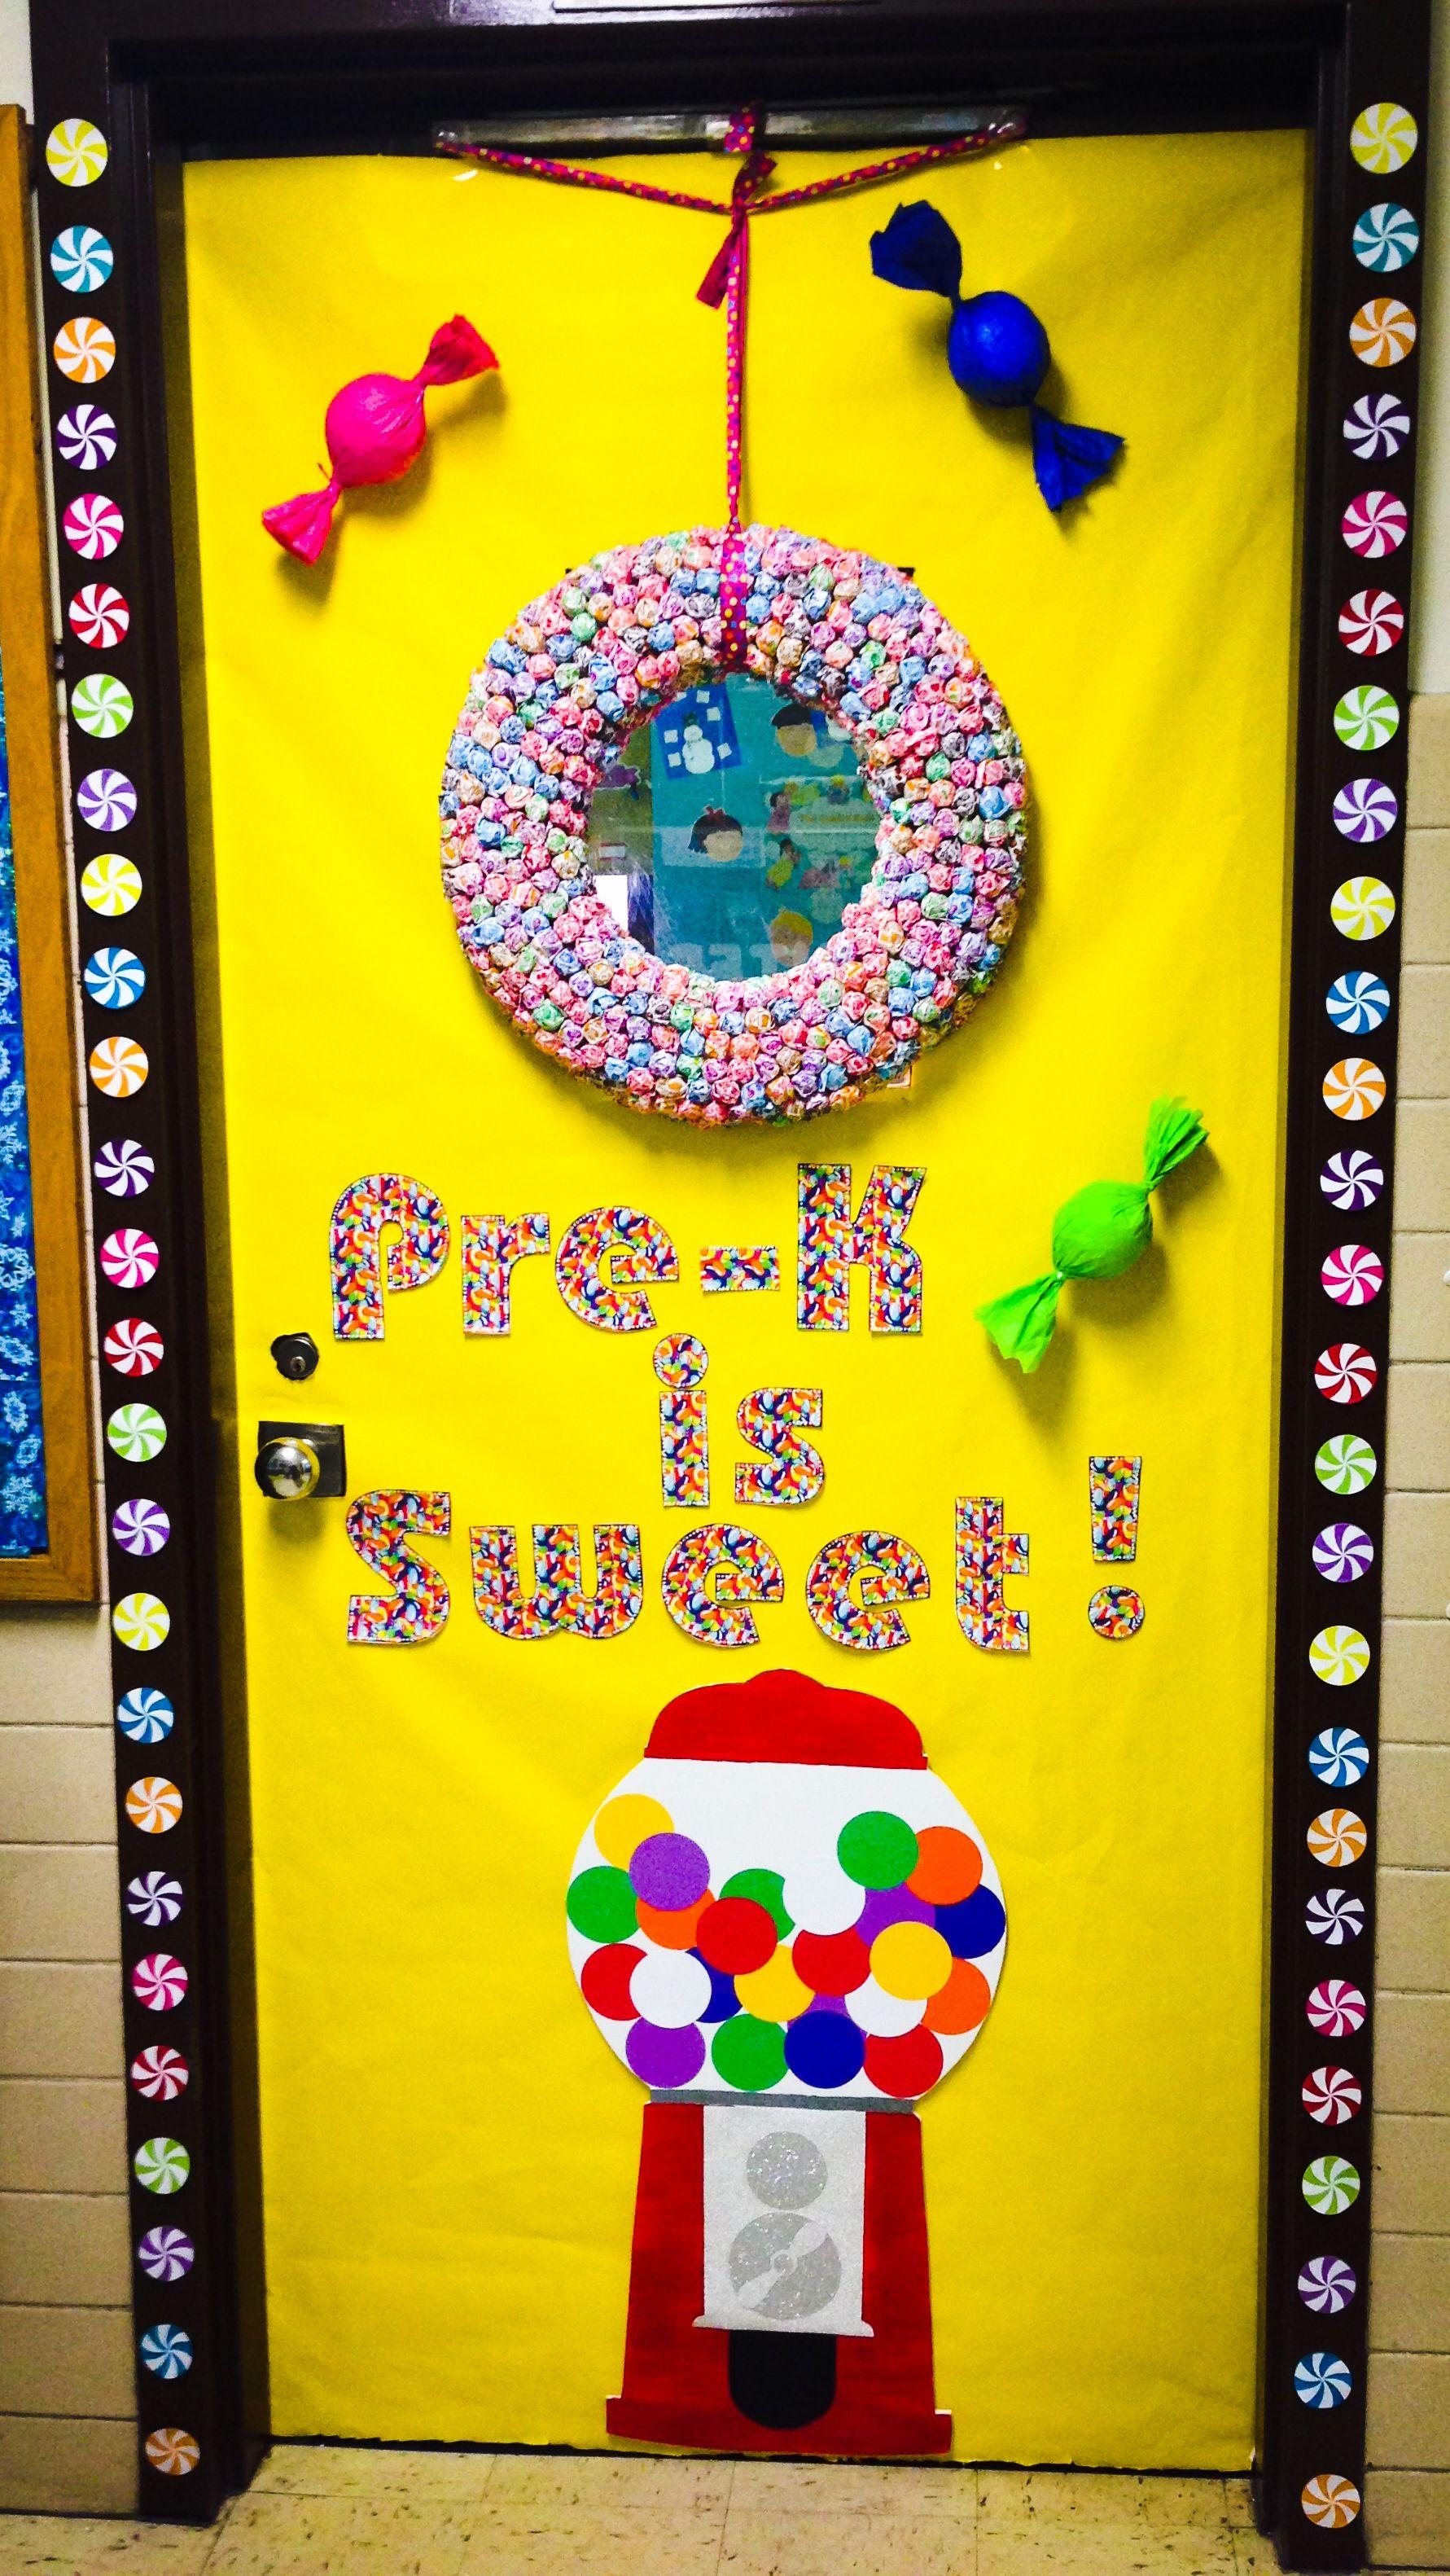 Class door teacher appreciation week or spirit week candy for Idea door journey to bethlehem